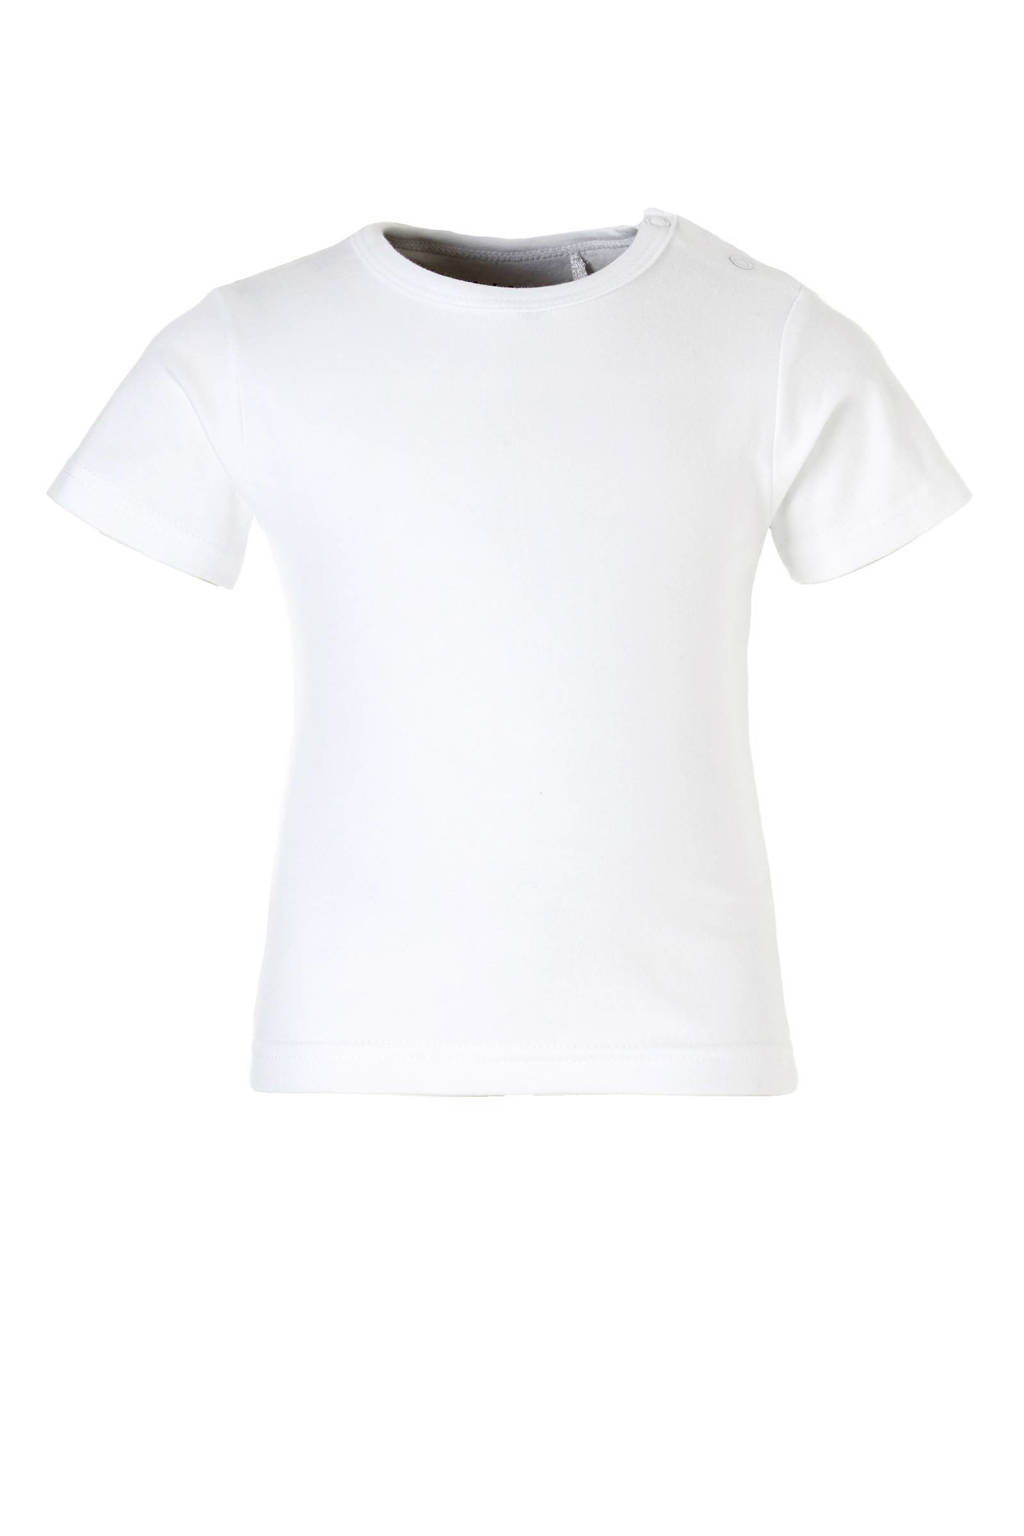 Dirkje T-shirt, Wit, Kort